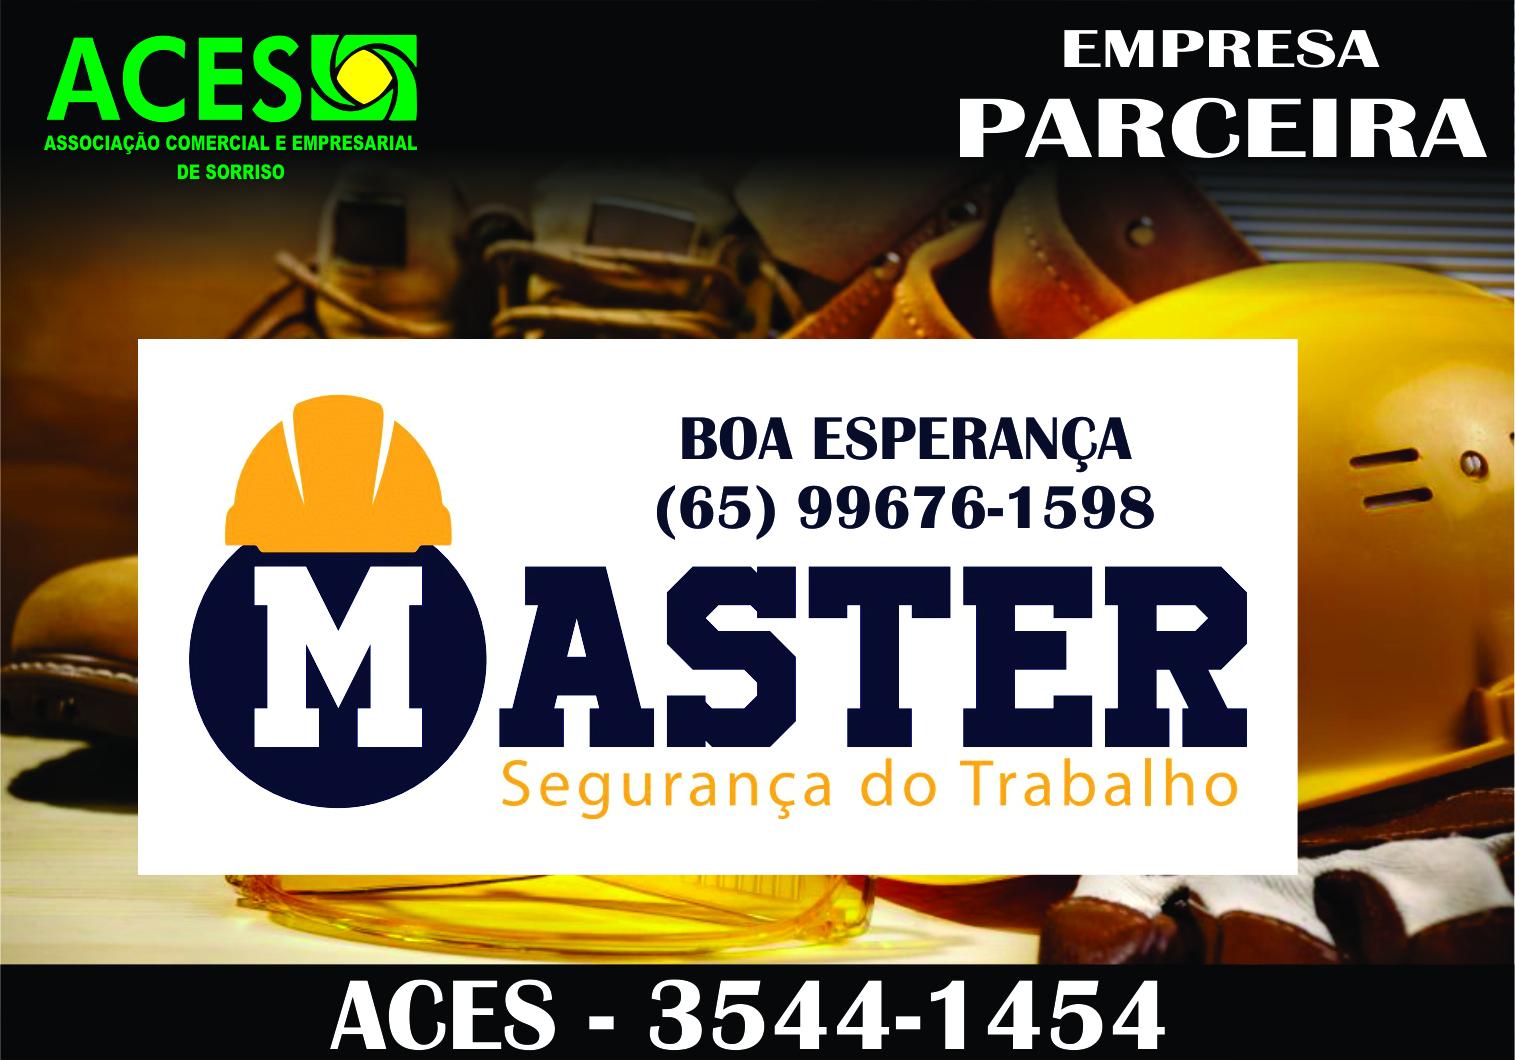 MASTER SEGURANÇA DO TRABALHO